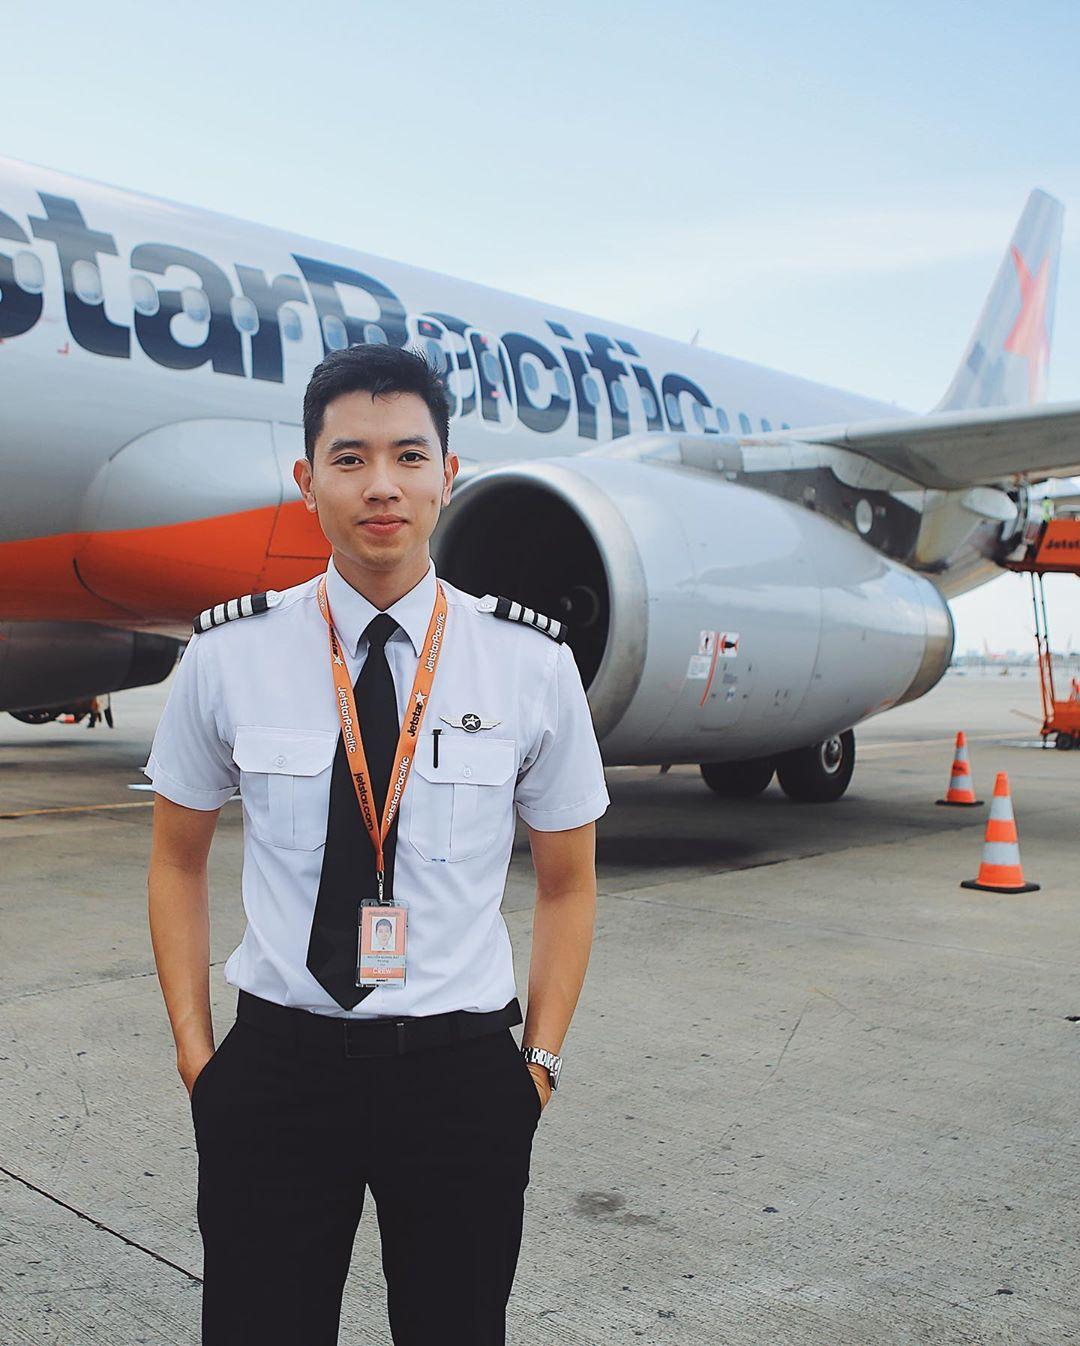 Cơ trưởng trẻ nhất Việt Nam - Quang Đạt tiết lộ những bí mật ít người biết về chi phí học tập và thu nhập siêu 'khủng' của nghề phi công 0